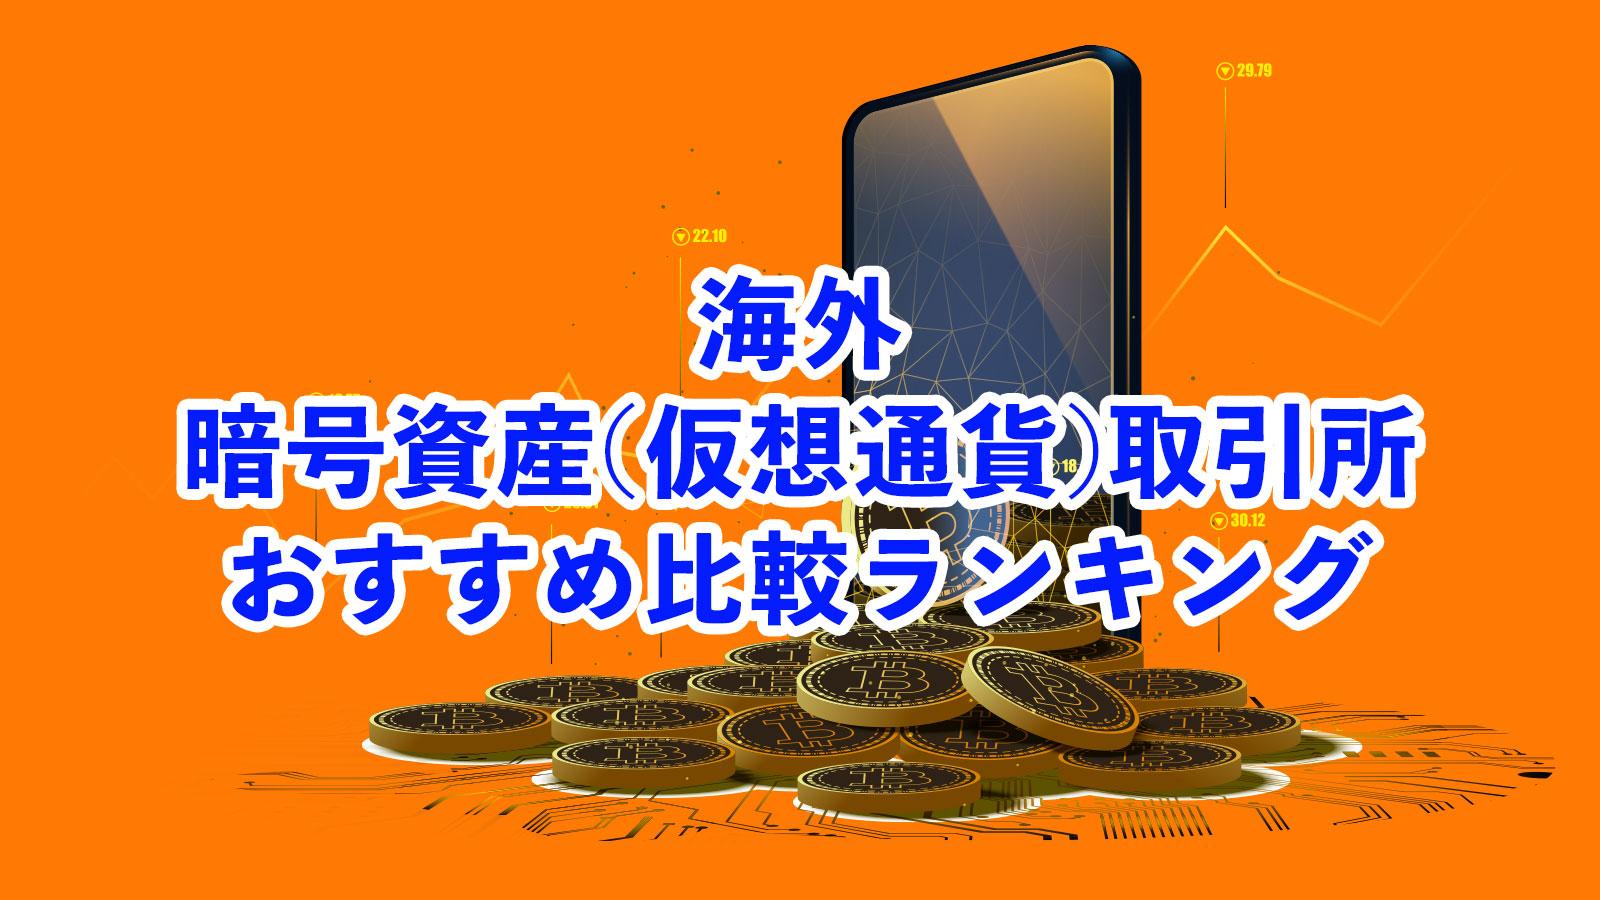 【海外】暗号資産(仮想通貨)取引所おすすめランキング